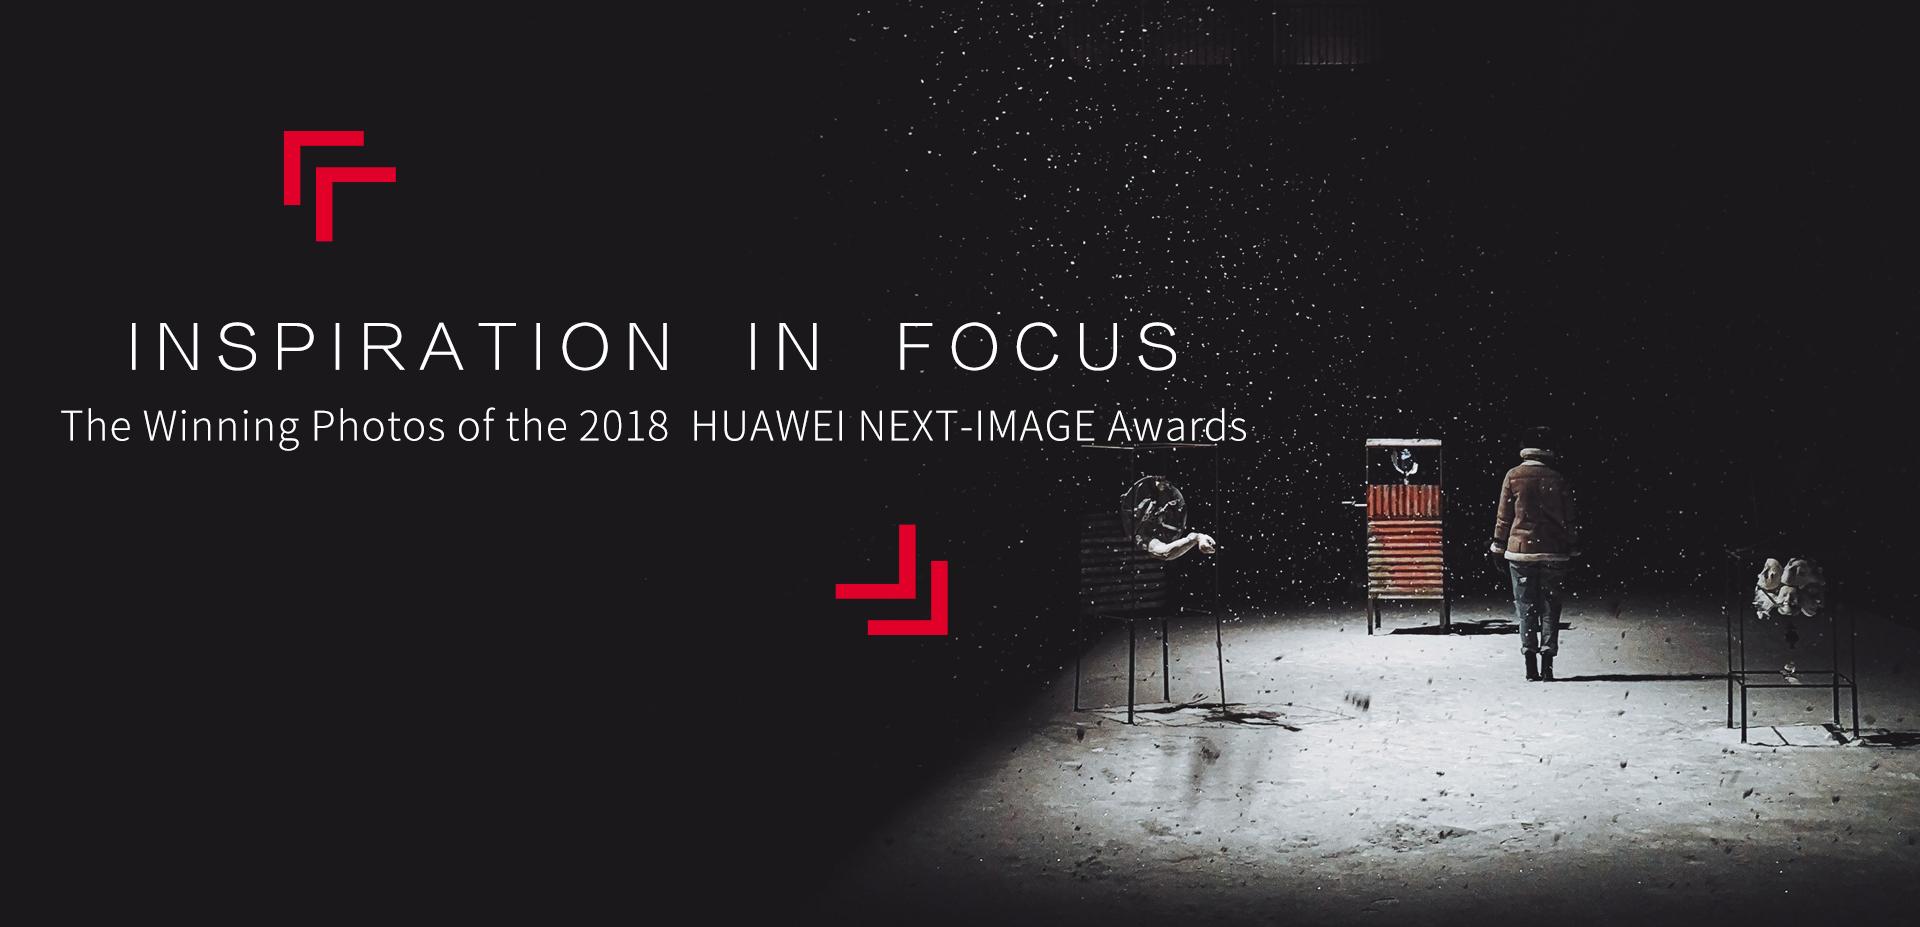 Atrapados en un rayo de luz - Ganador del premio Huawei Next-Image